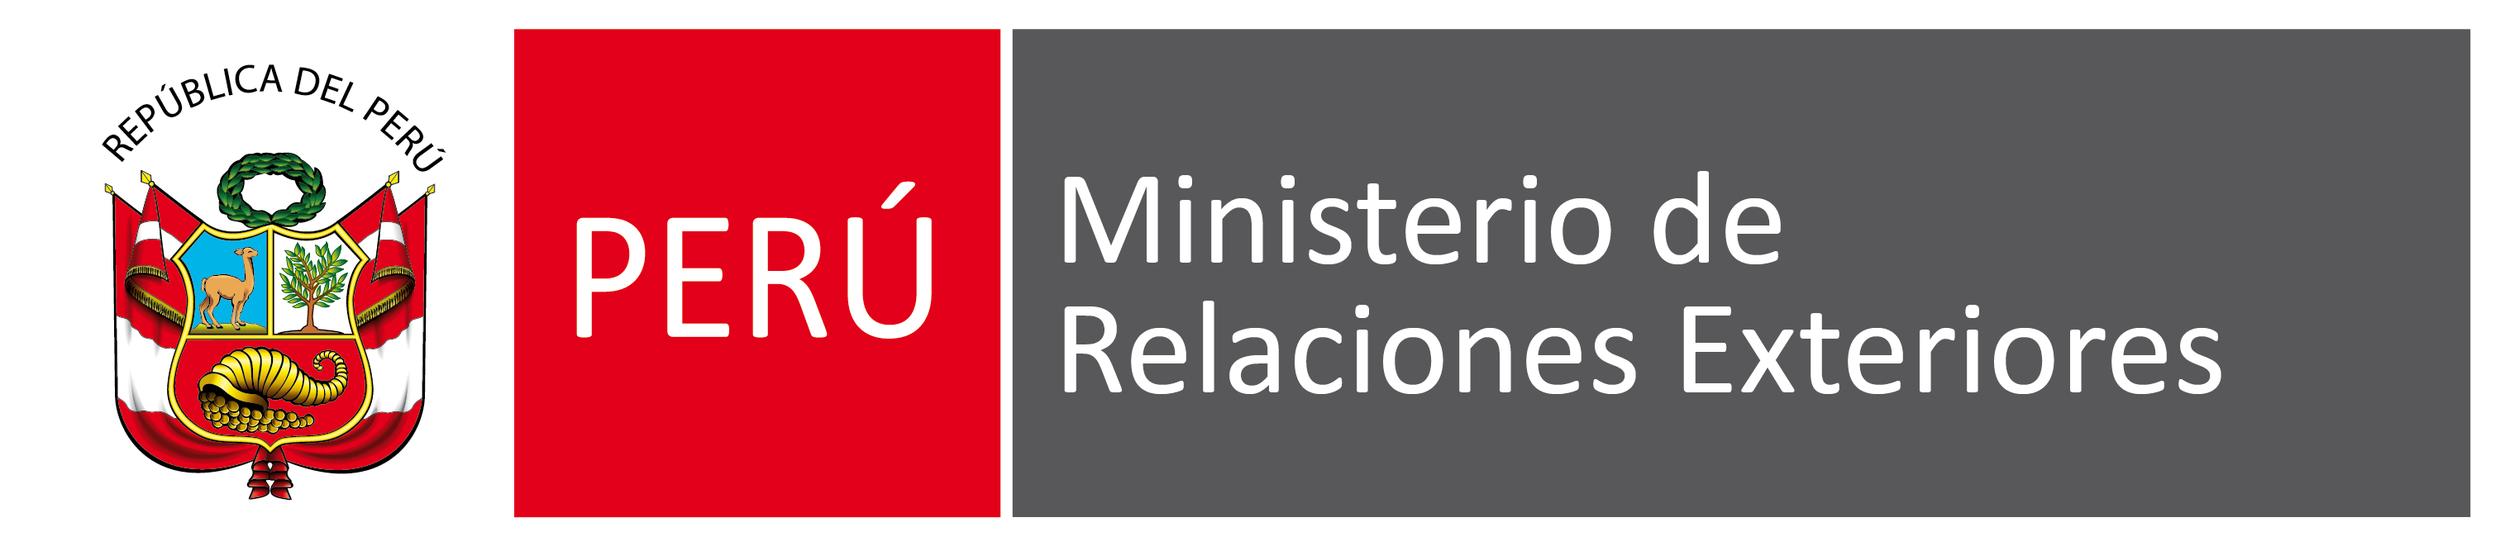 Ministerio_de_Relaciones_Exteriores_del_Peru.png